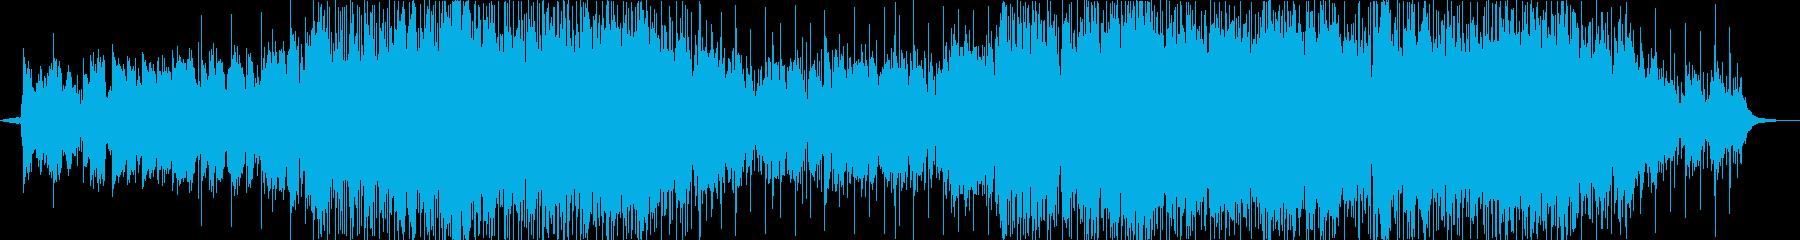 笛のメロディーのポップな曲の再生済みの波形